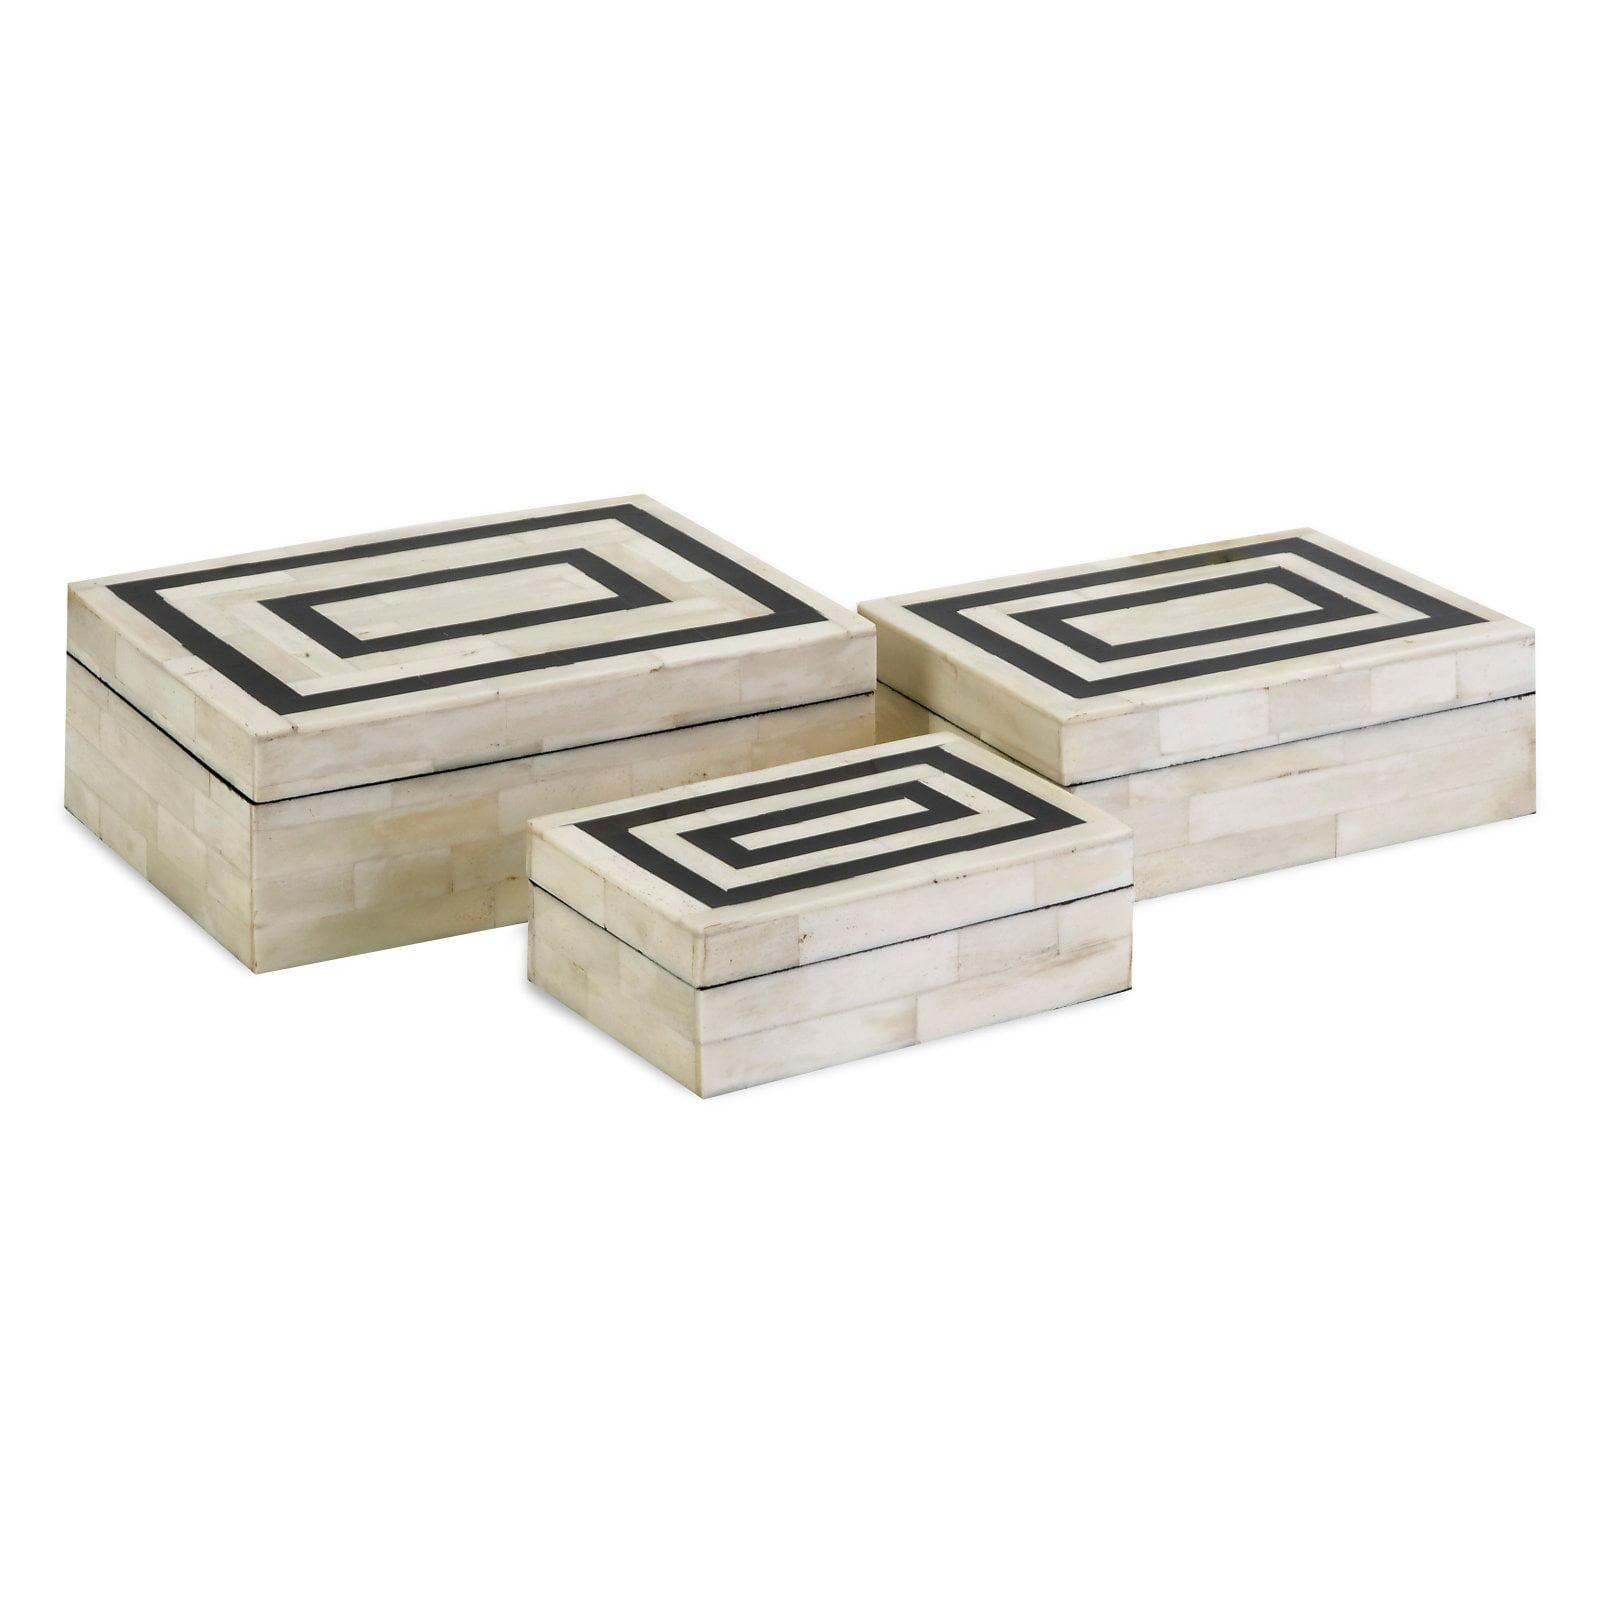 Attractive Bella Bone Inlay Boxes - Set of 3